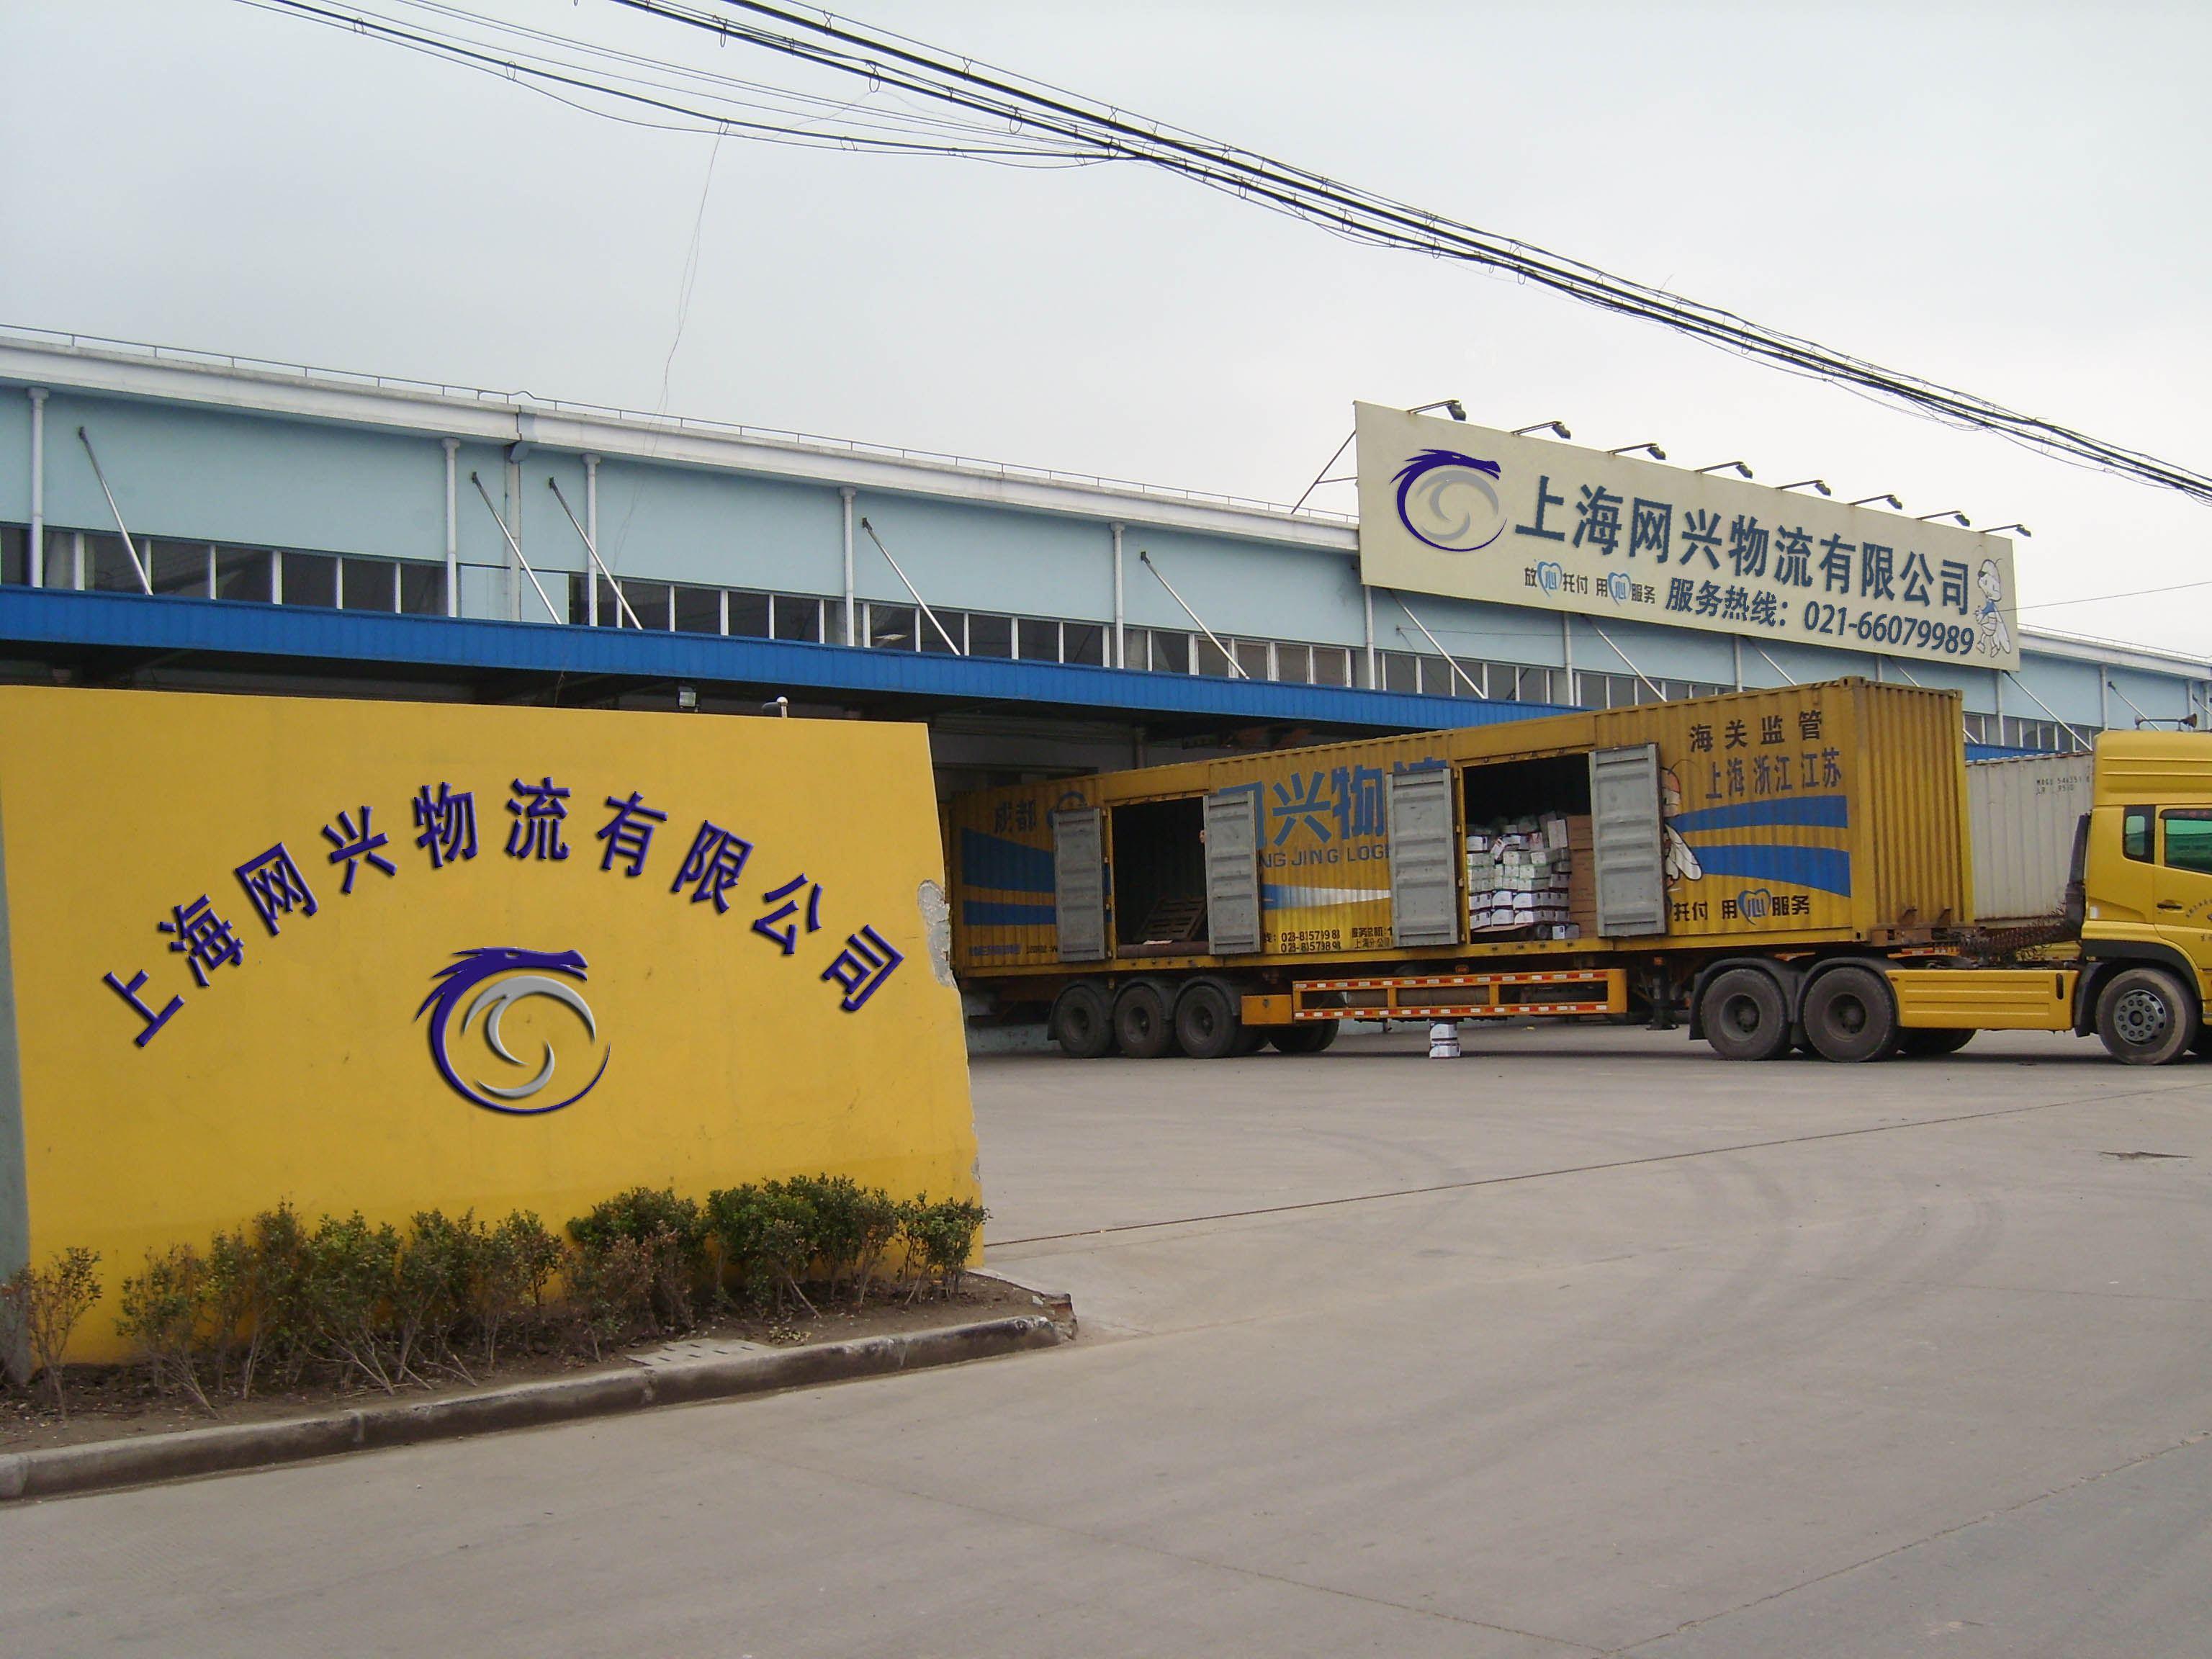 上海到景德镇物流专线(上海网兴物流有限公司)